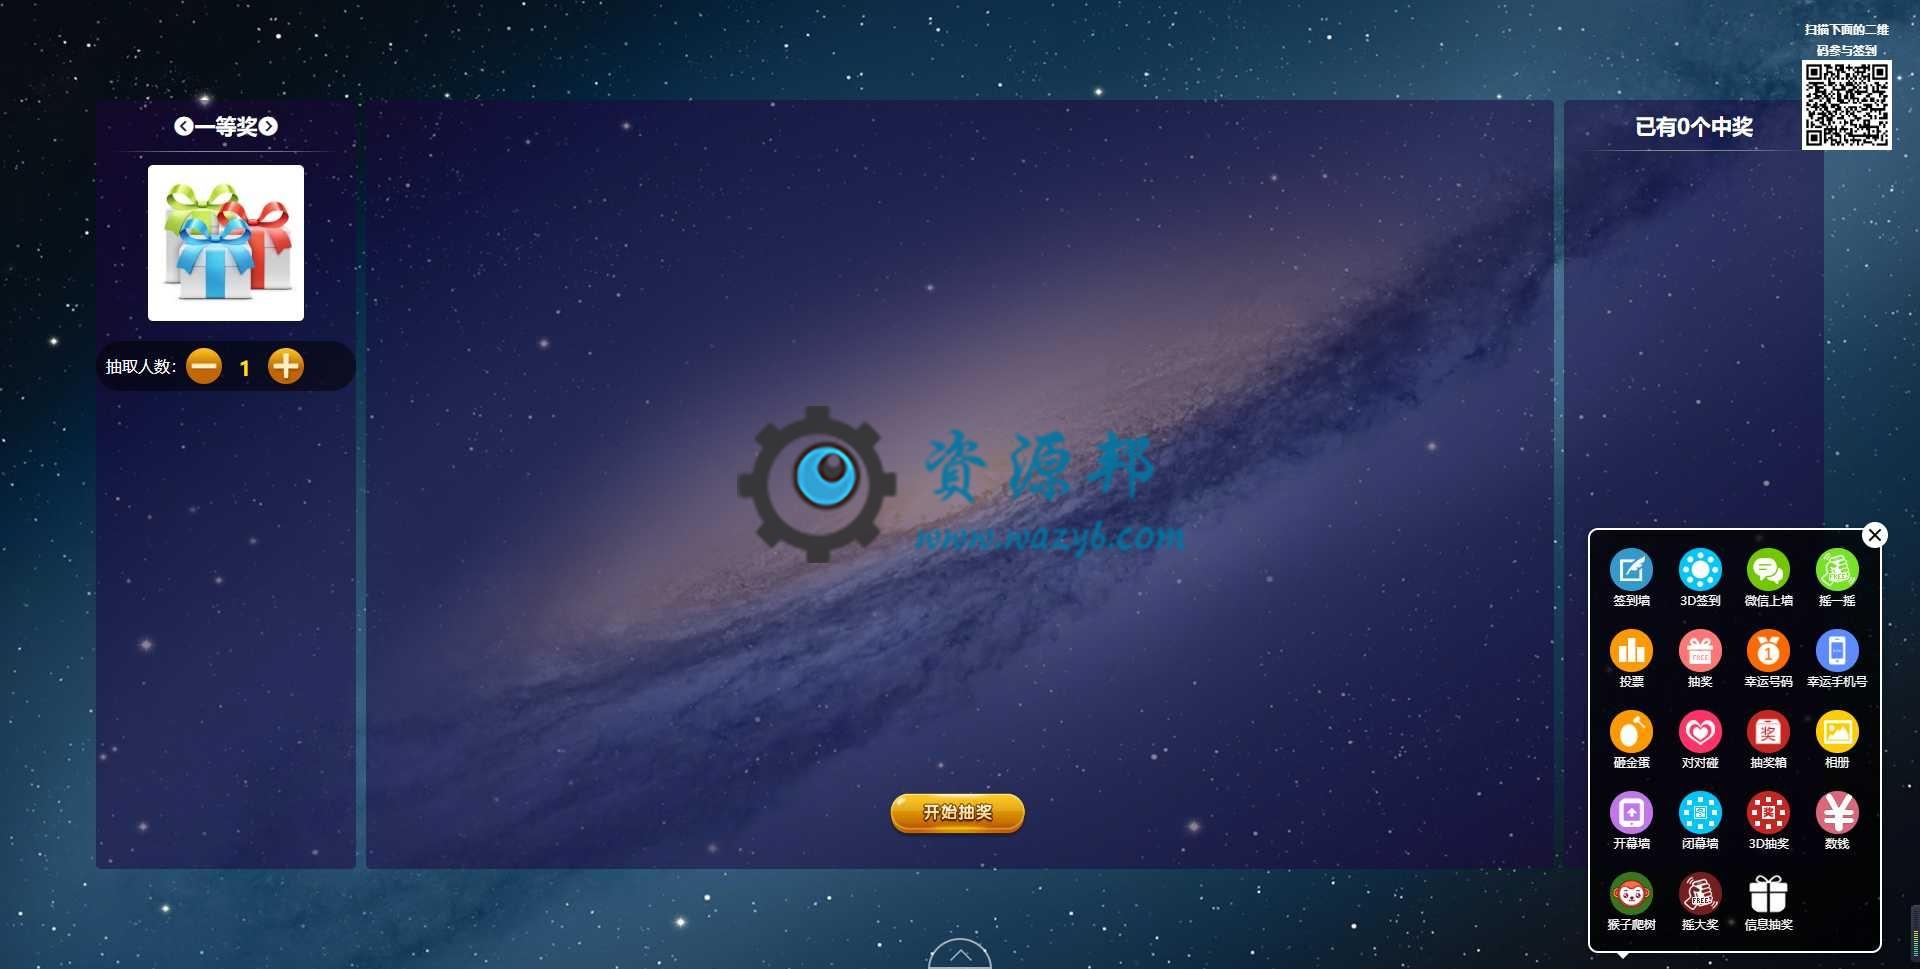 最新微信大屏幕上墙微信墙现场大屏幕上墙系统PHP源码,公司年会必备的微信大屏幕上墙互动系统 PHP源码 第7张